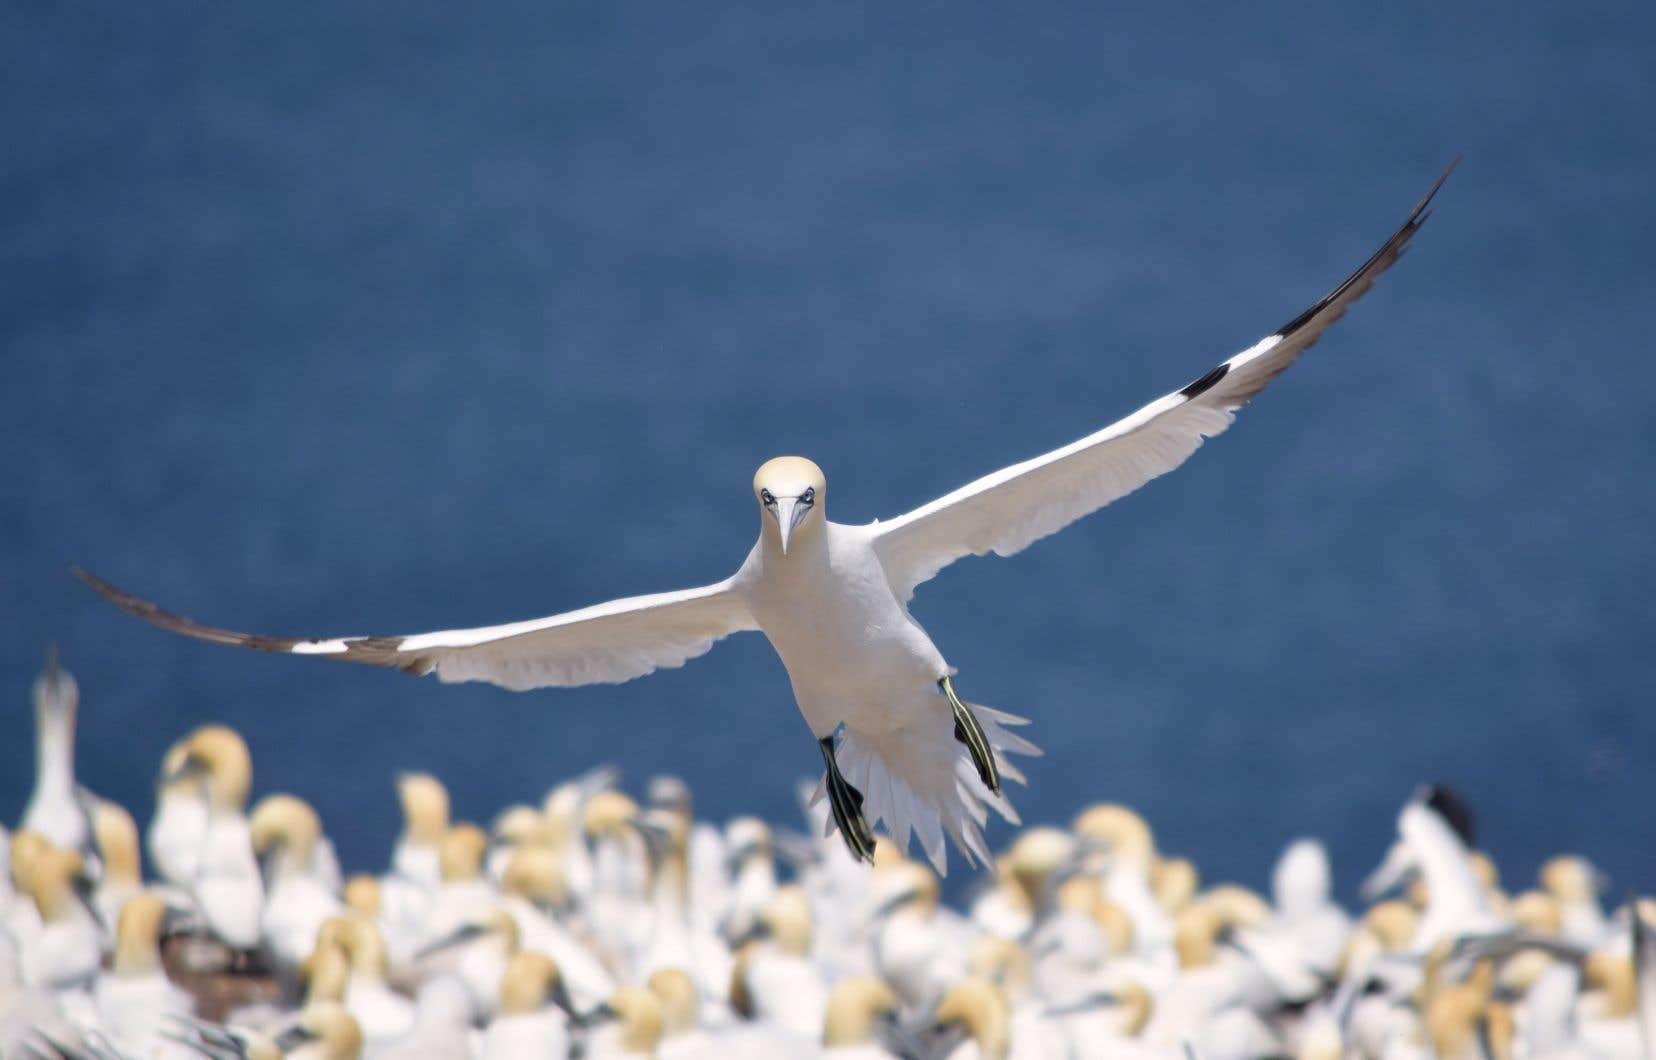 La Convention sur la diversité biologique plaide pour une meilleure protection des milieux marins et des espèces qui en dépendent.